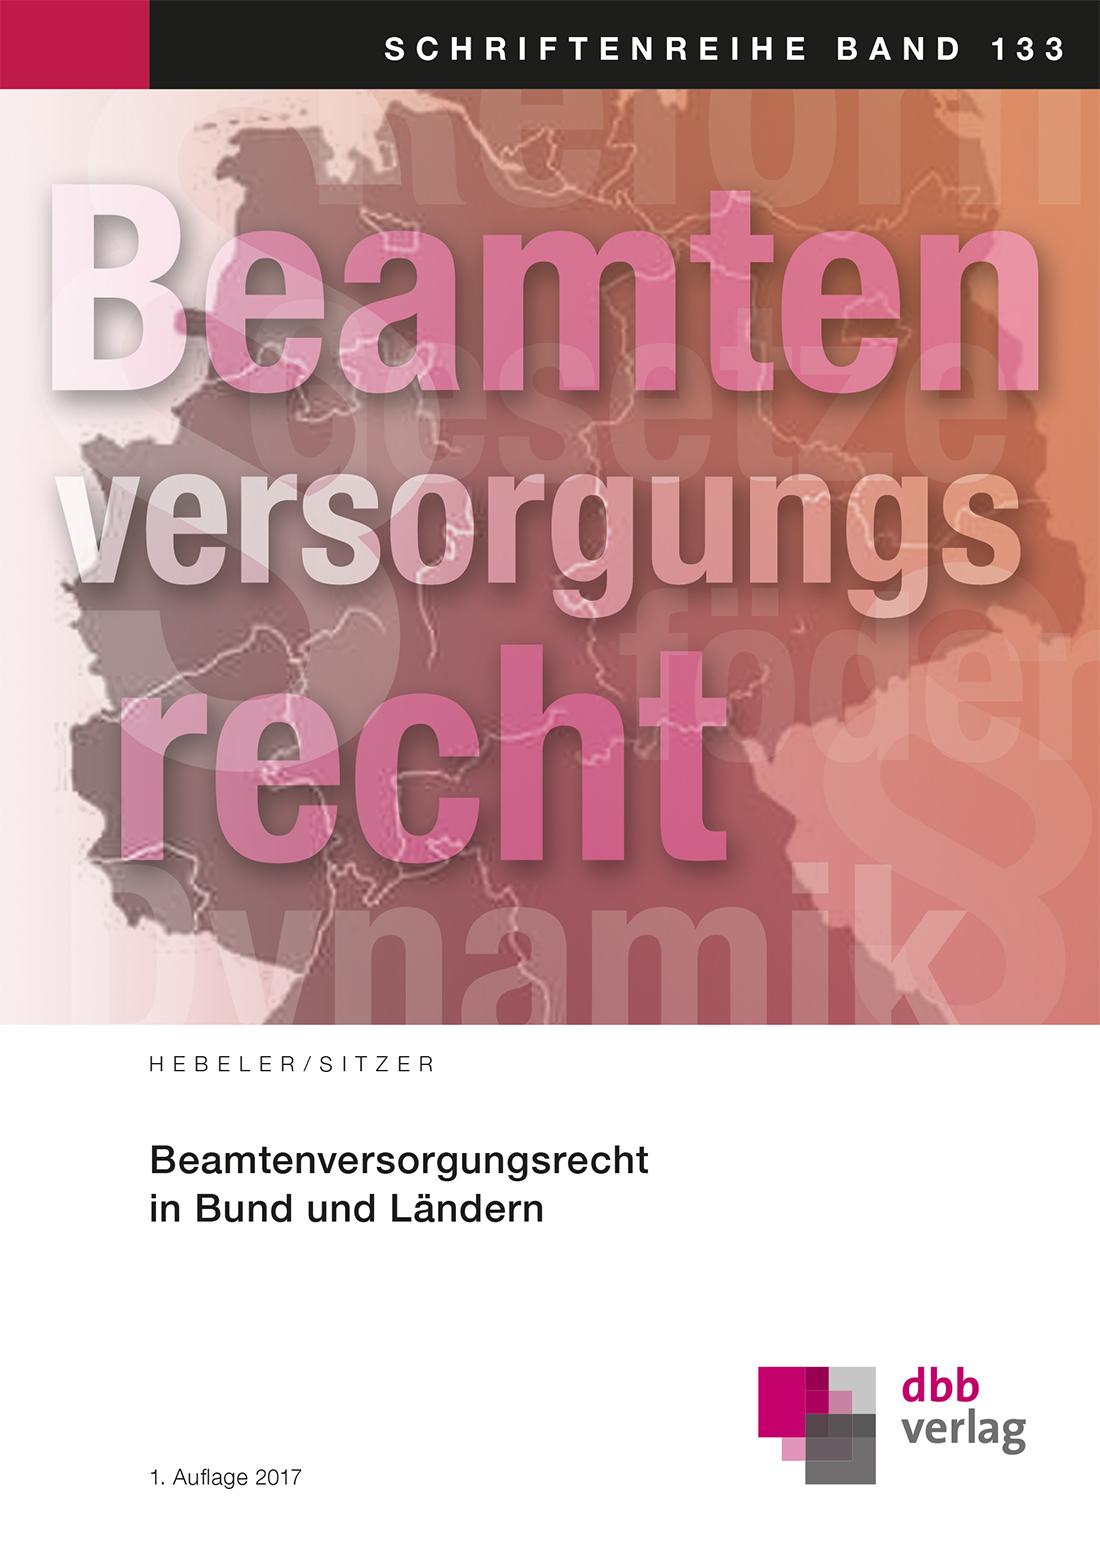 Beamtenversorgungsrecht in Bund und Ländern © DBB Verlag GmbH